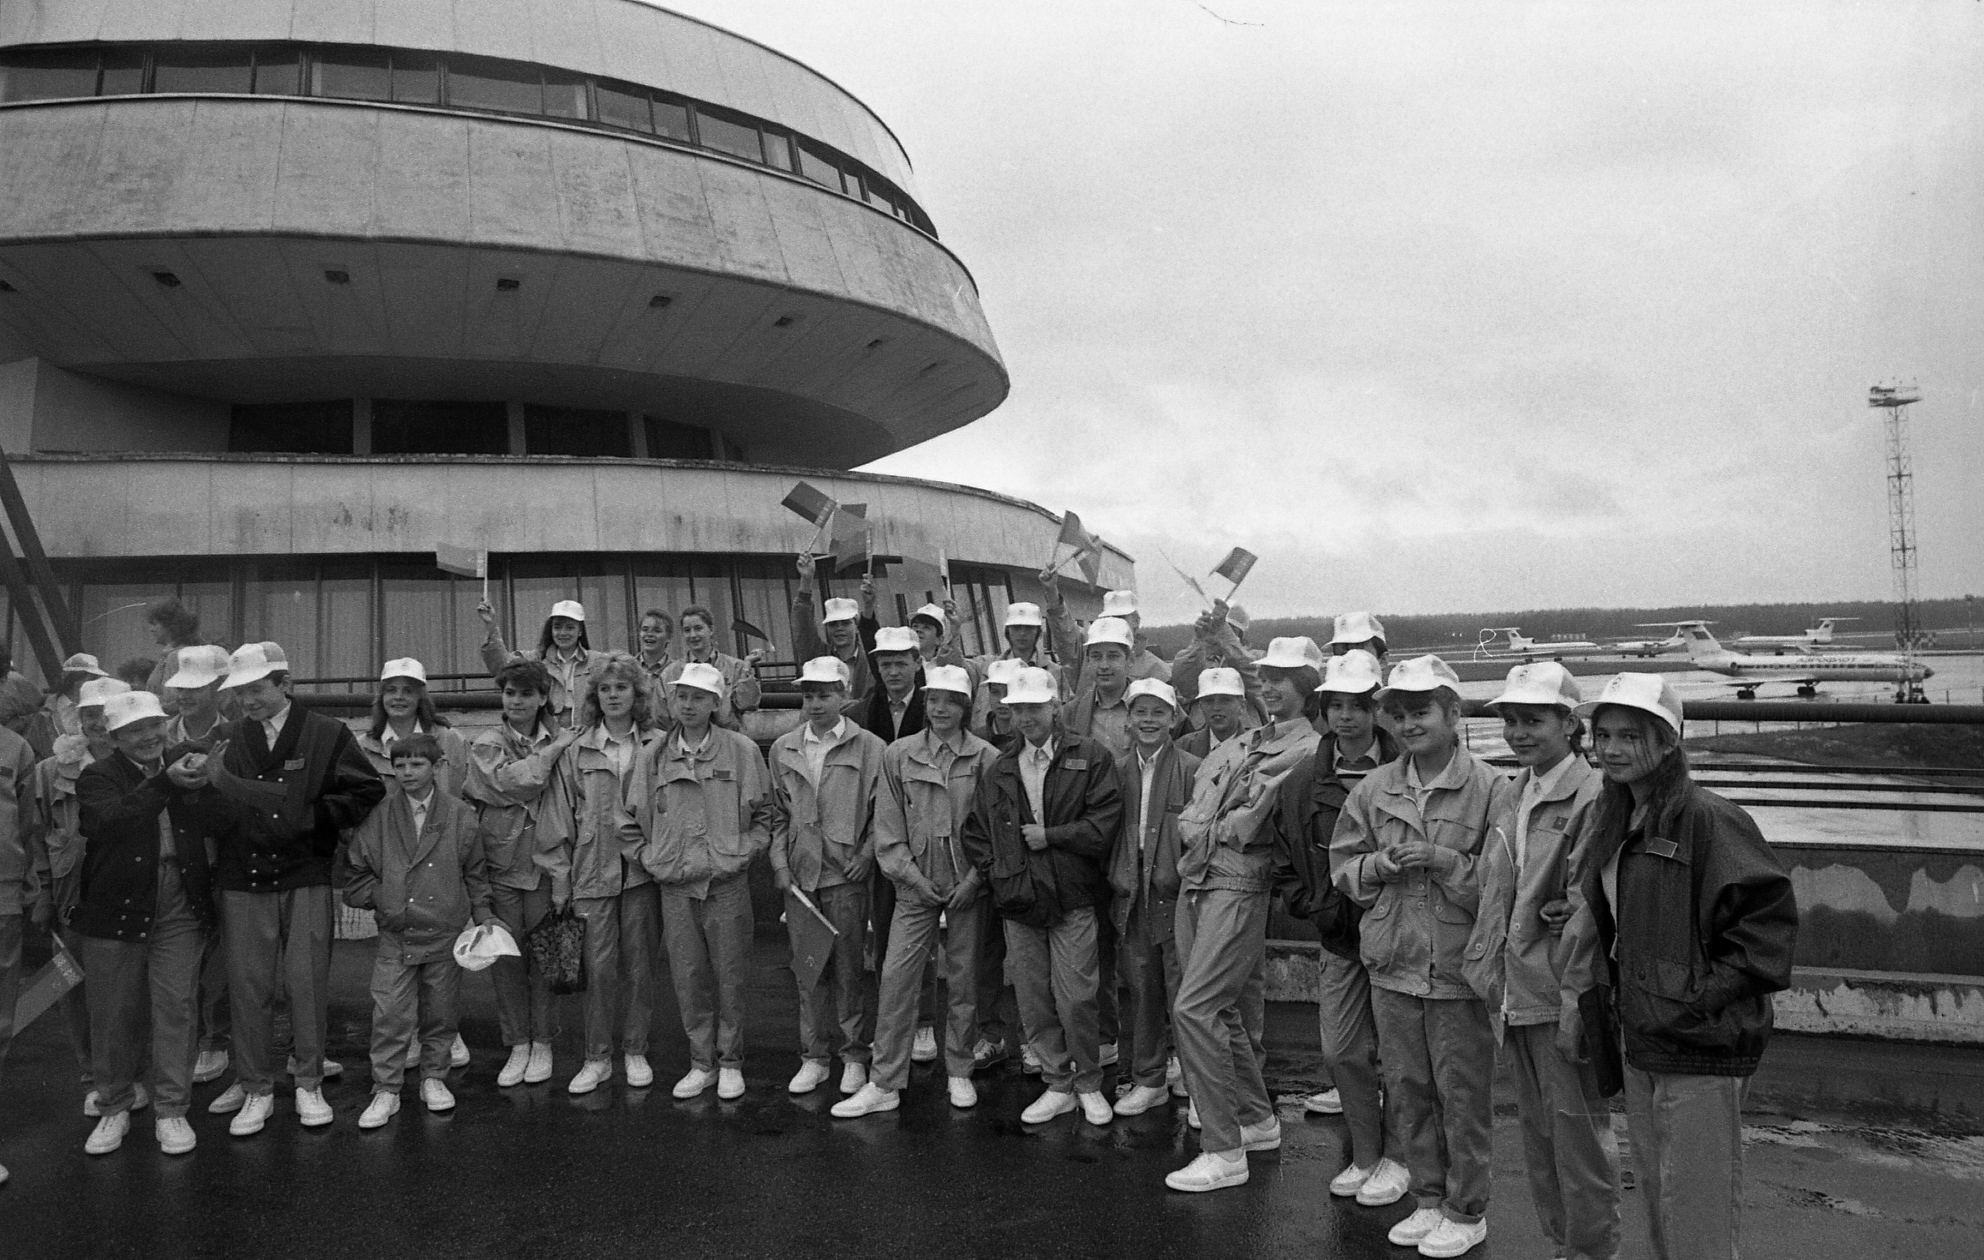 Дети, пострадавшие от чернобыльской катастрофы, перед отлетом в Германию на оздоровление. Фото Белорусского государственного архива кинофотофонодокументов